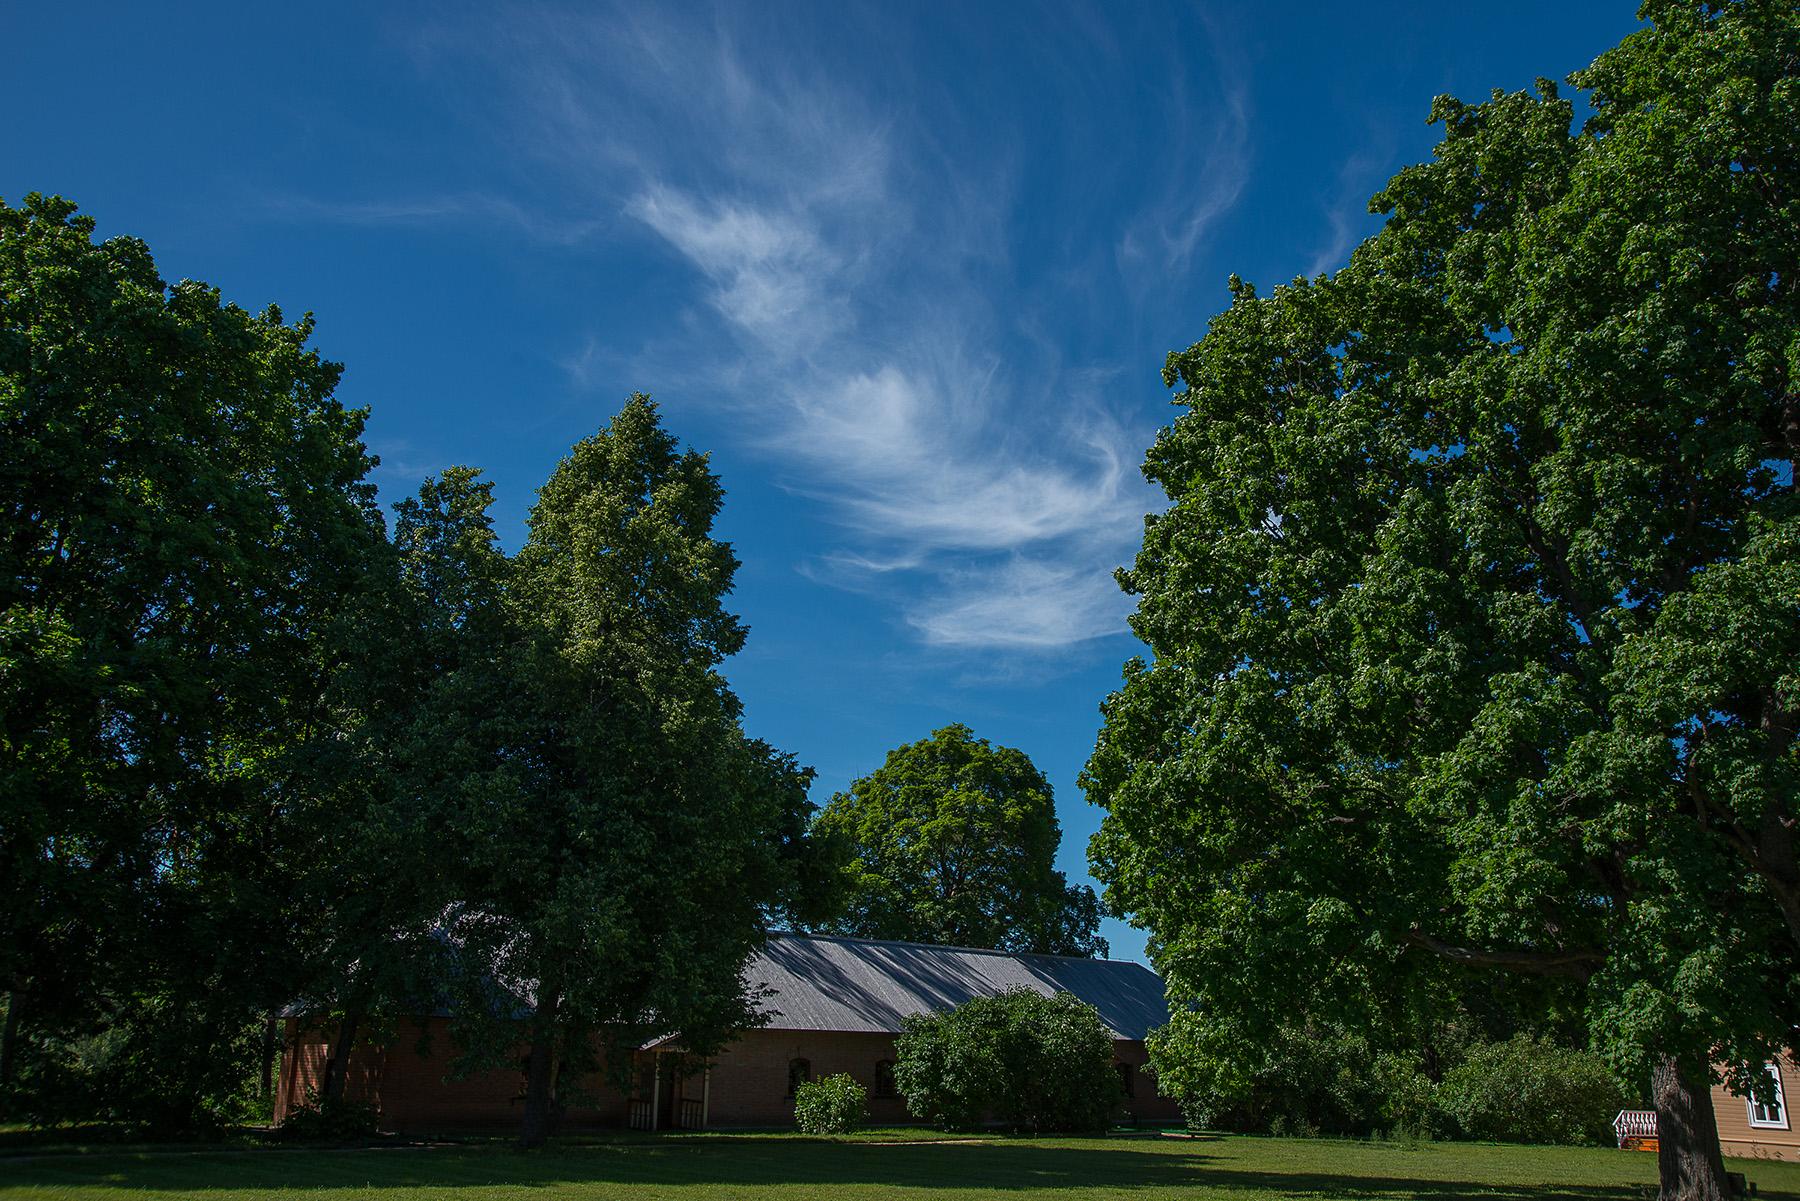 Тарханское небо. Фотозарисовки тарханских окрестностей А. Семенова. 25 июня 2020 года. Фото 2